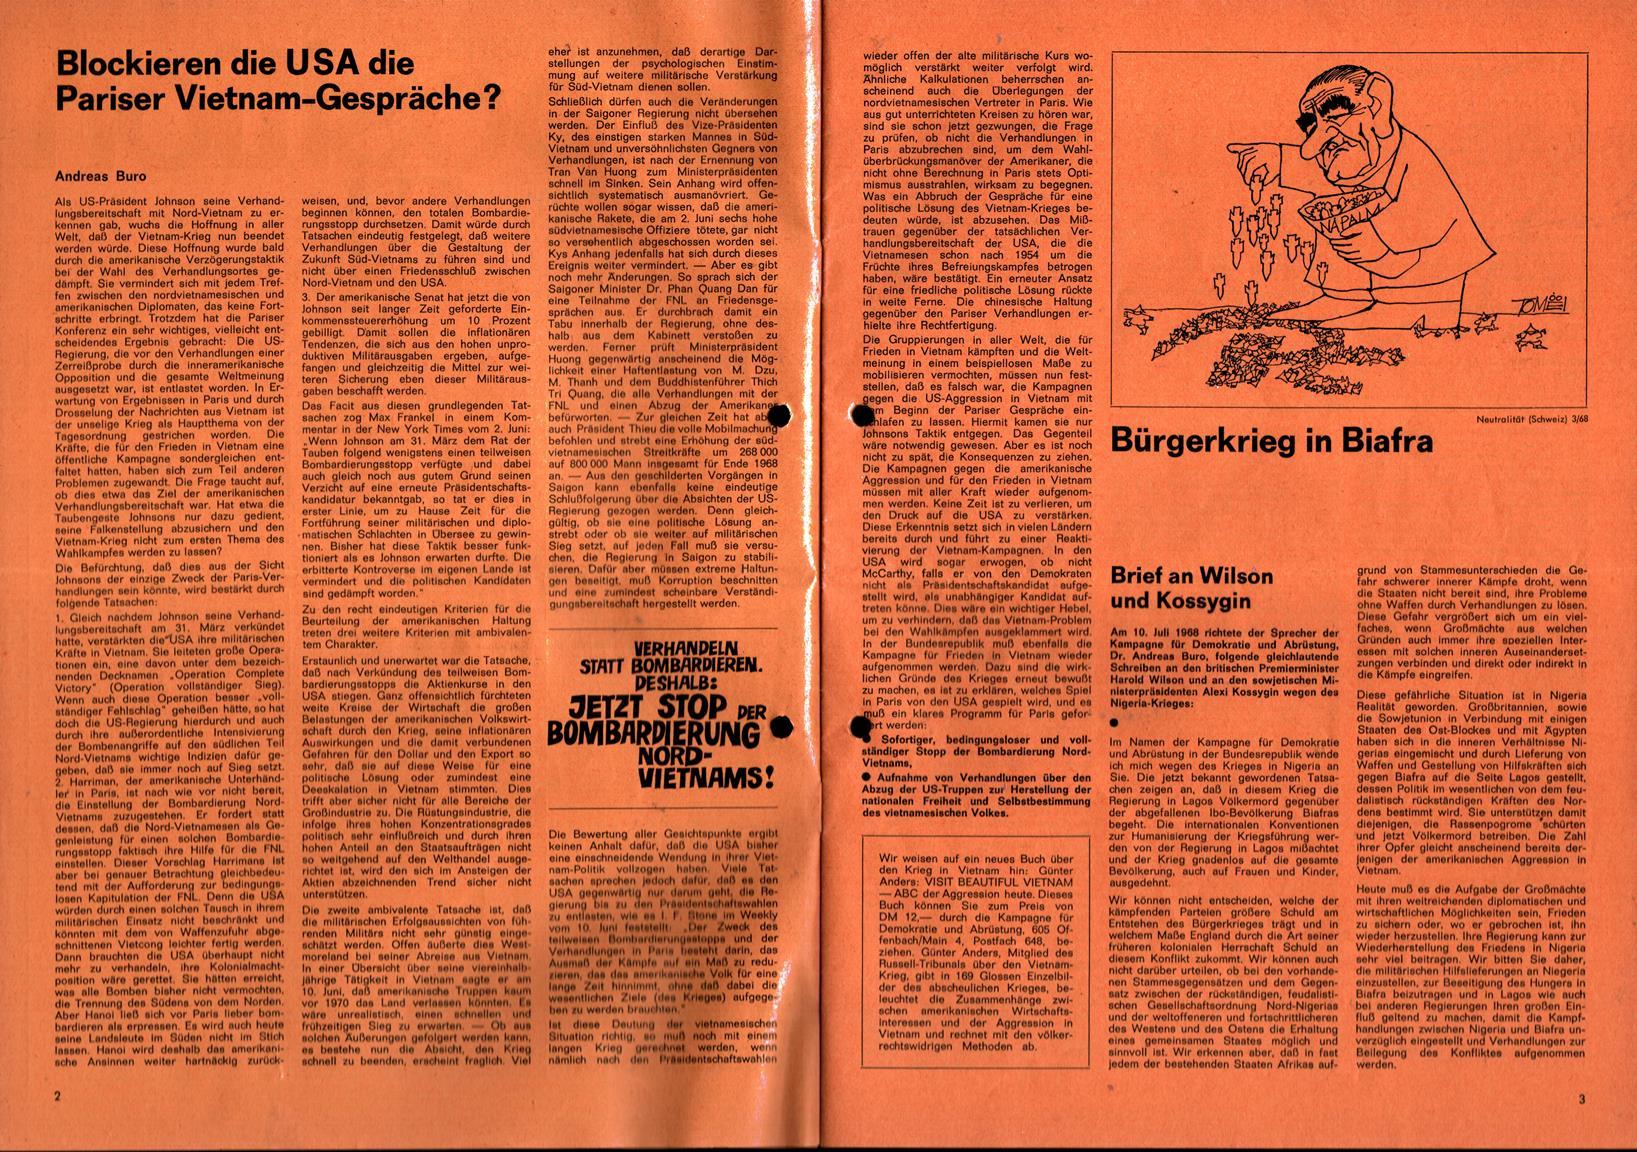 Infos_zur_Abruestung_1968_060_061_002